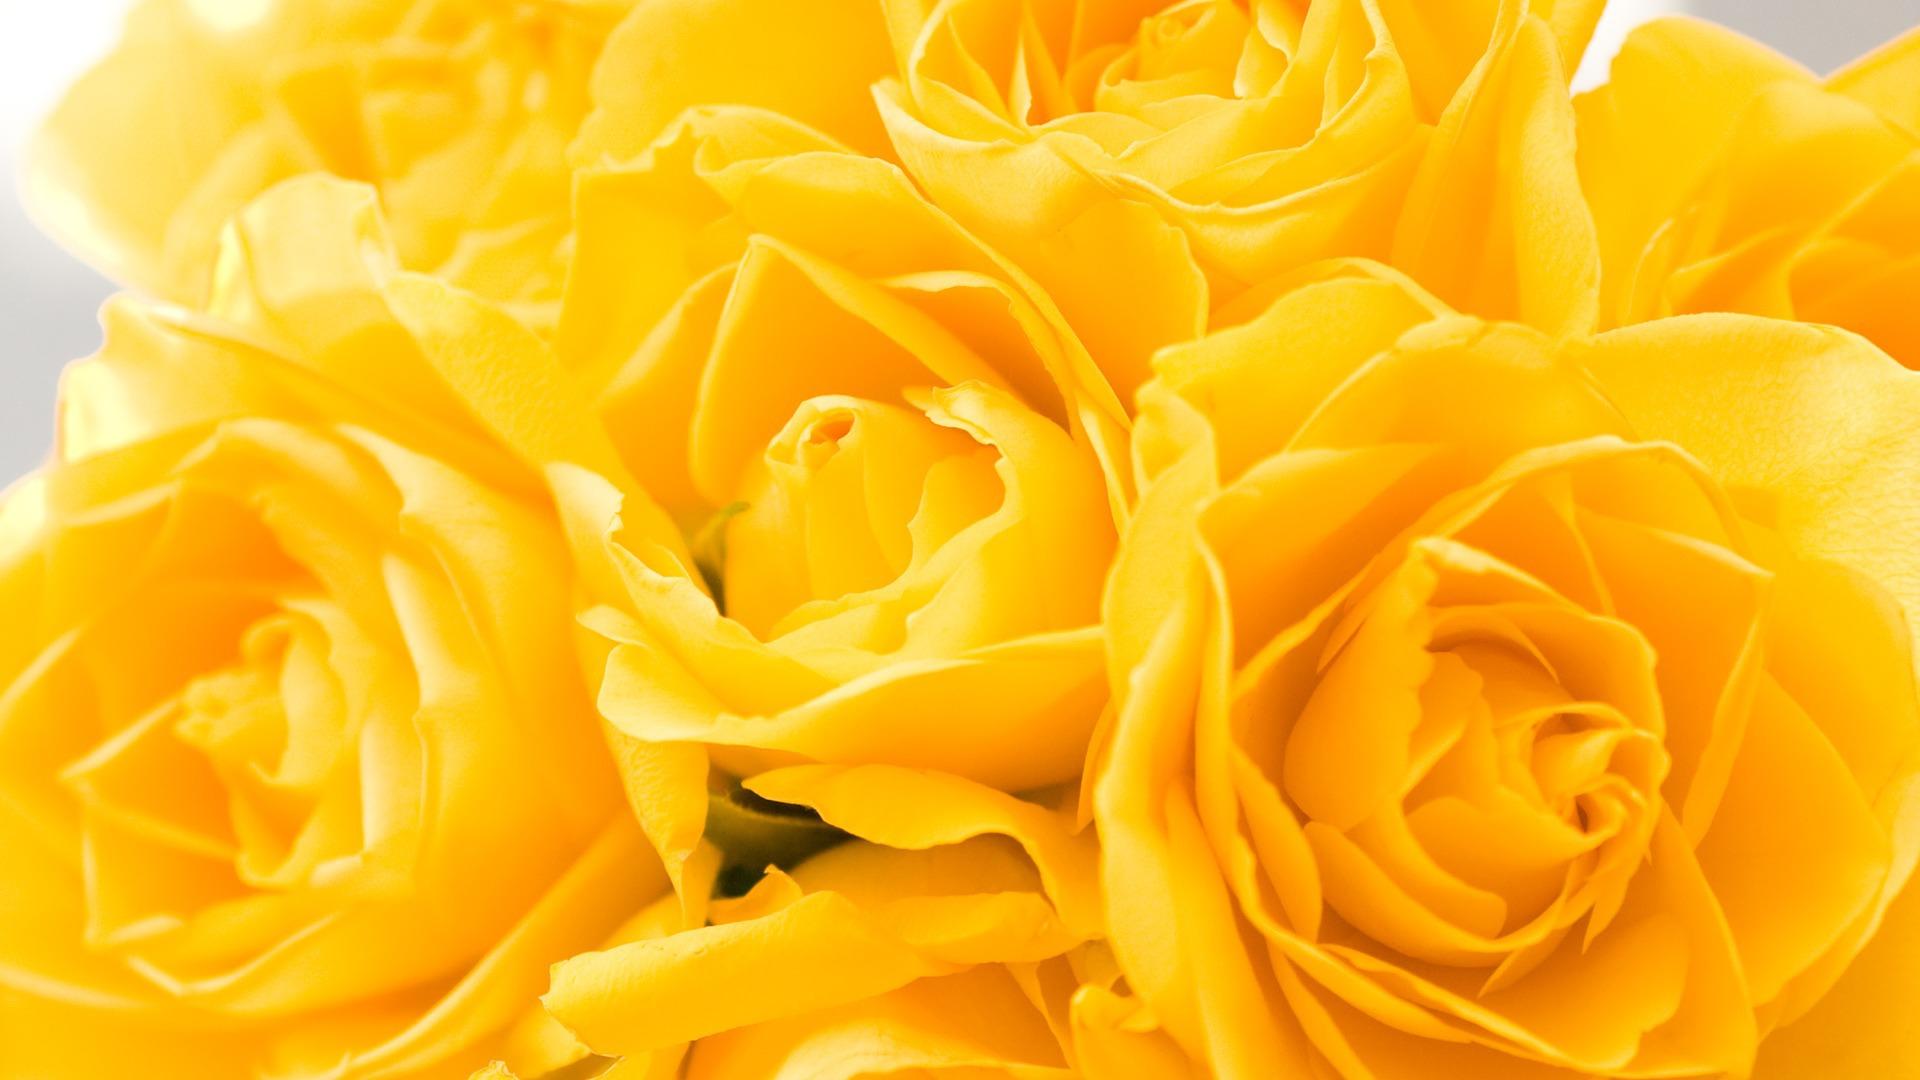 Февраля, картинки красивые желтые цветы